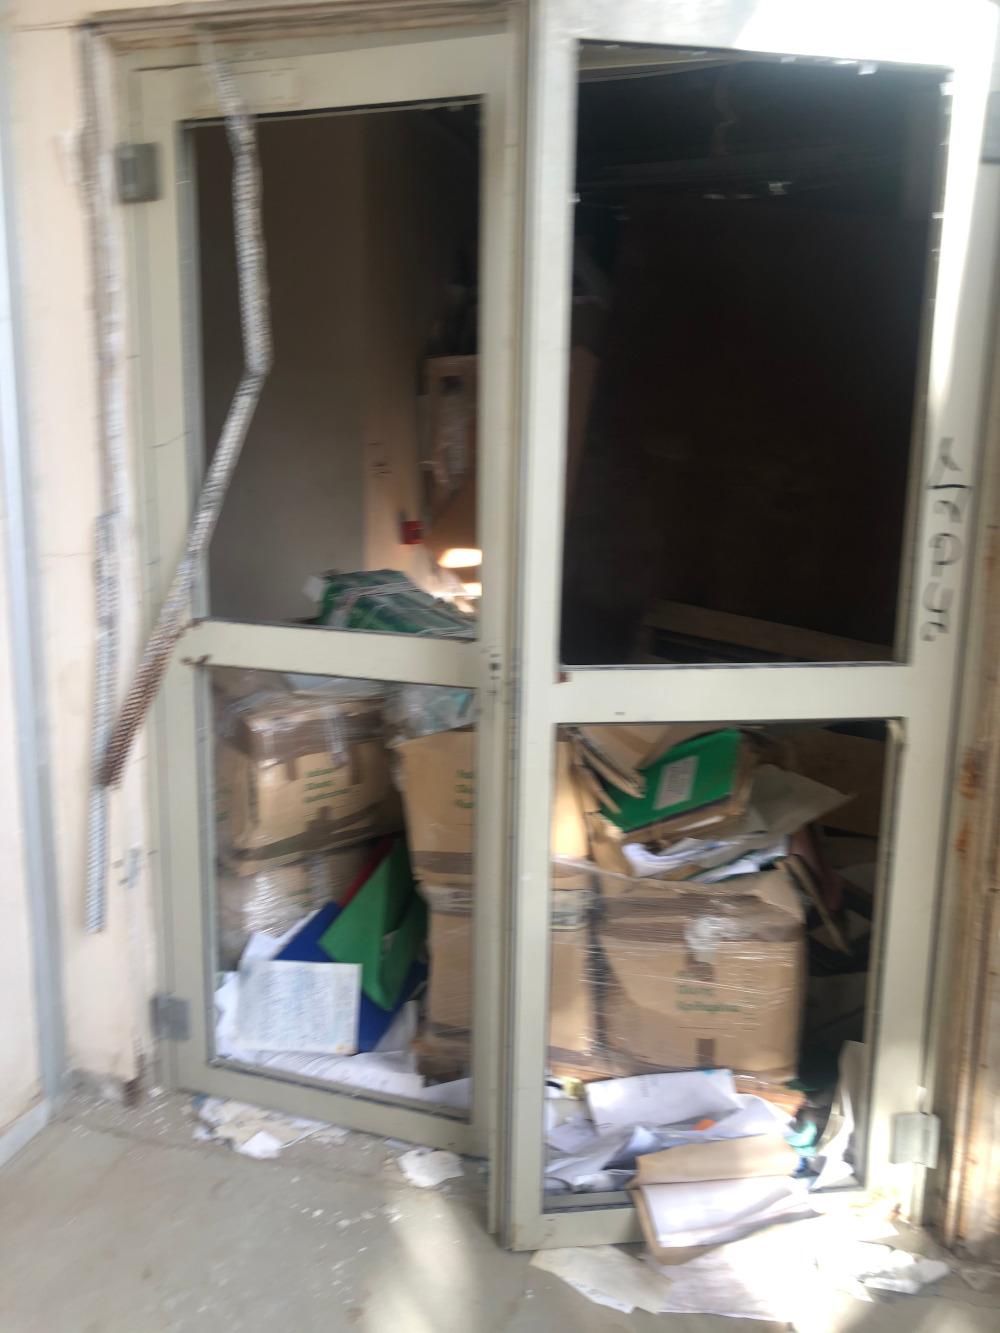 Πόρτες έξω από αποθήκες, δείχνουν ότι έχει γίνει λεηλασία